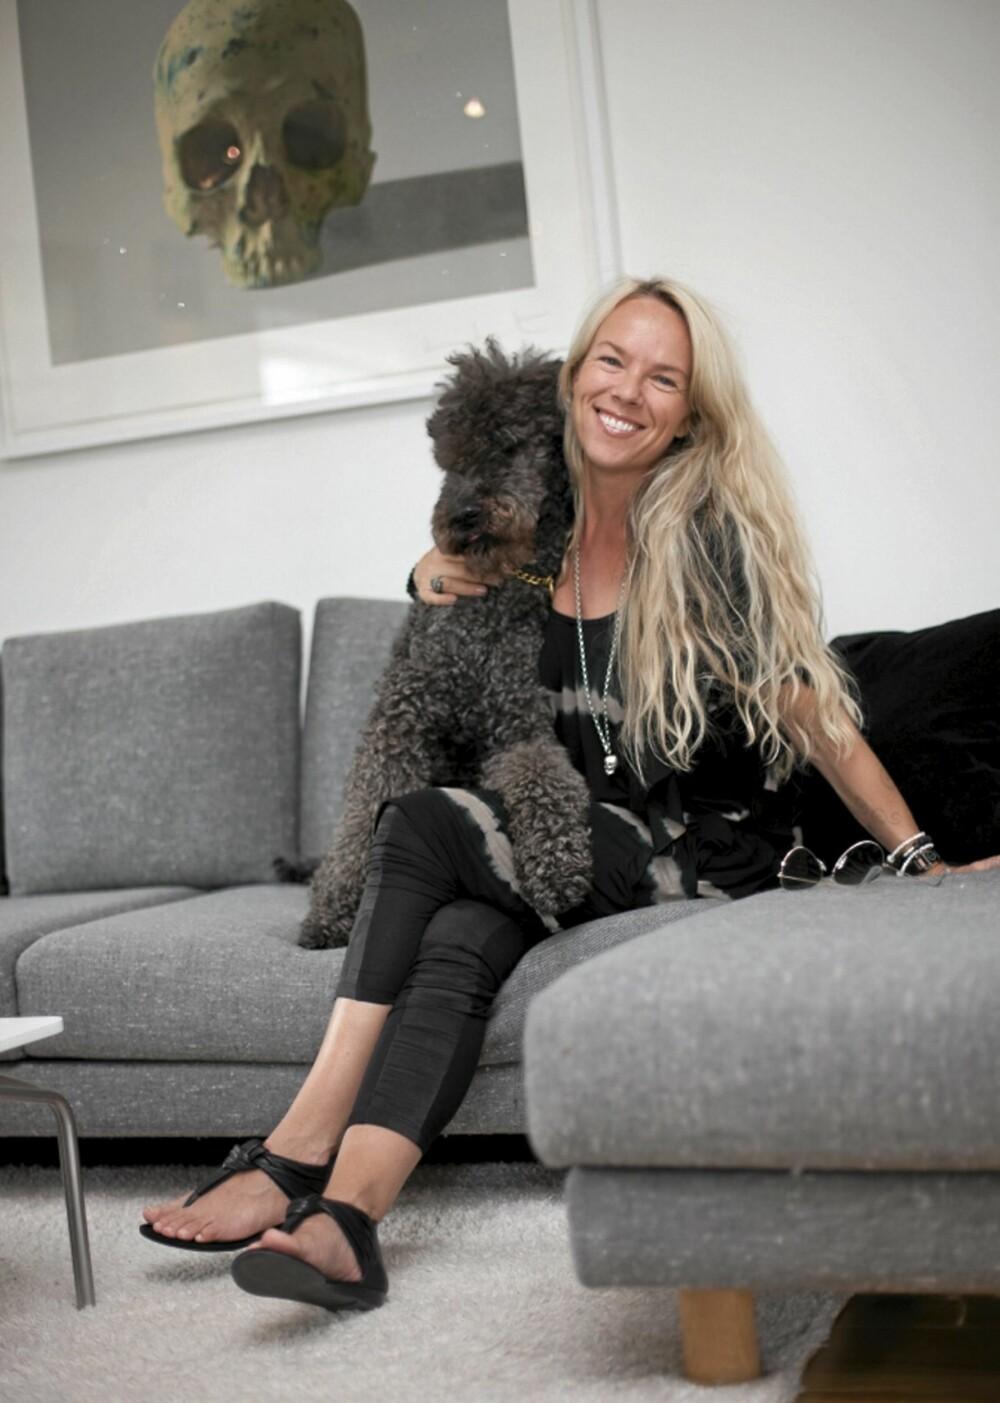 INTERIØR: Smykkedesigner Lisbeth Omdal Fure er en av grunderne bak smykkemerket Love Stones. Også hjemme er hun glad i å pynte med skaller, bare sjekk Damien Hirst-fotografiet på veggen.